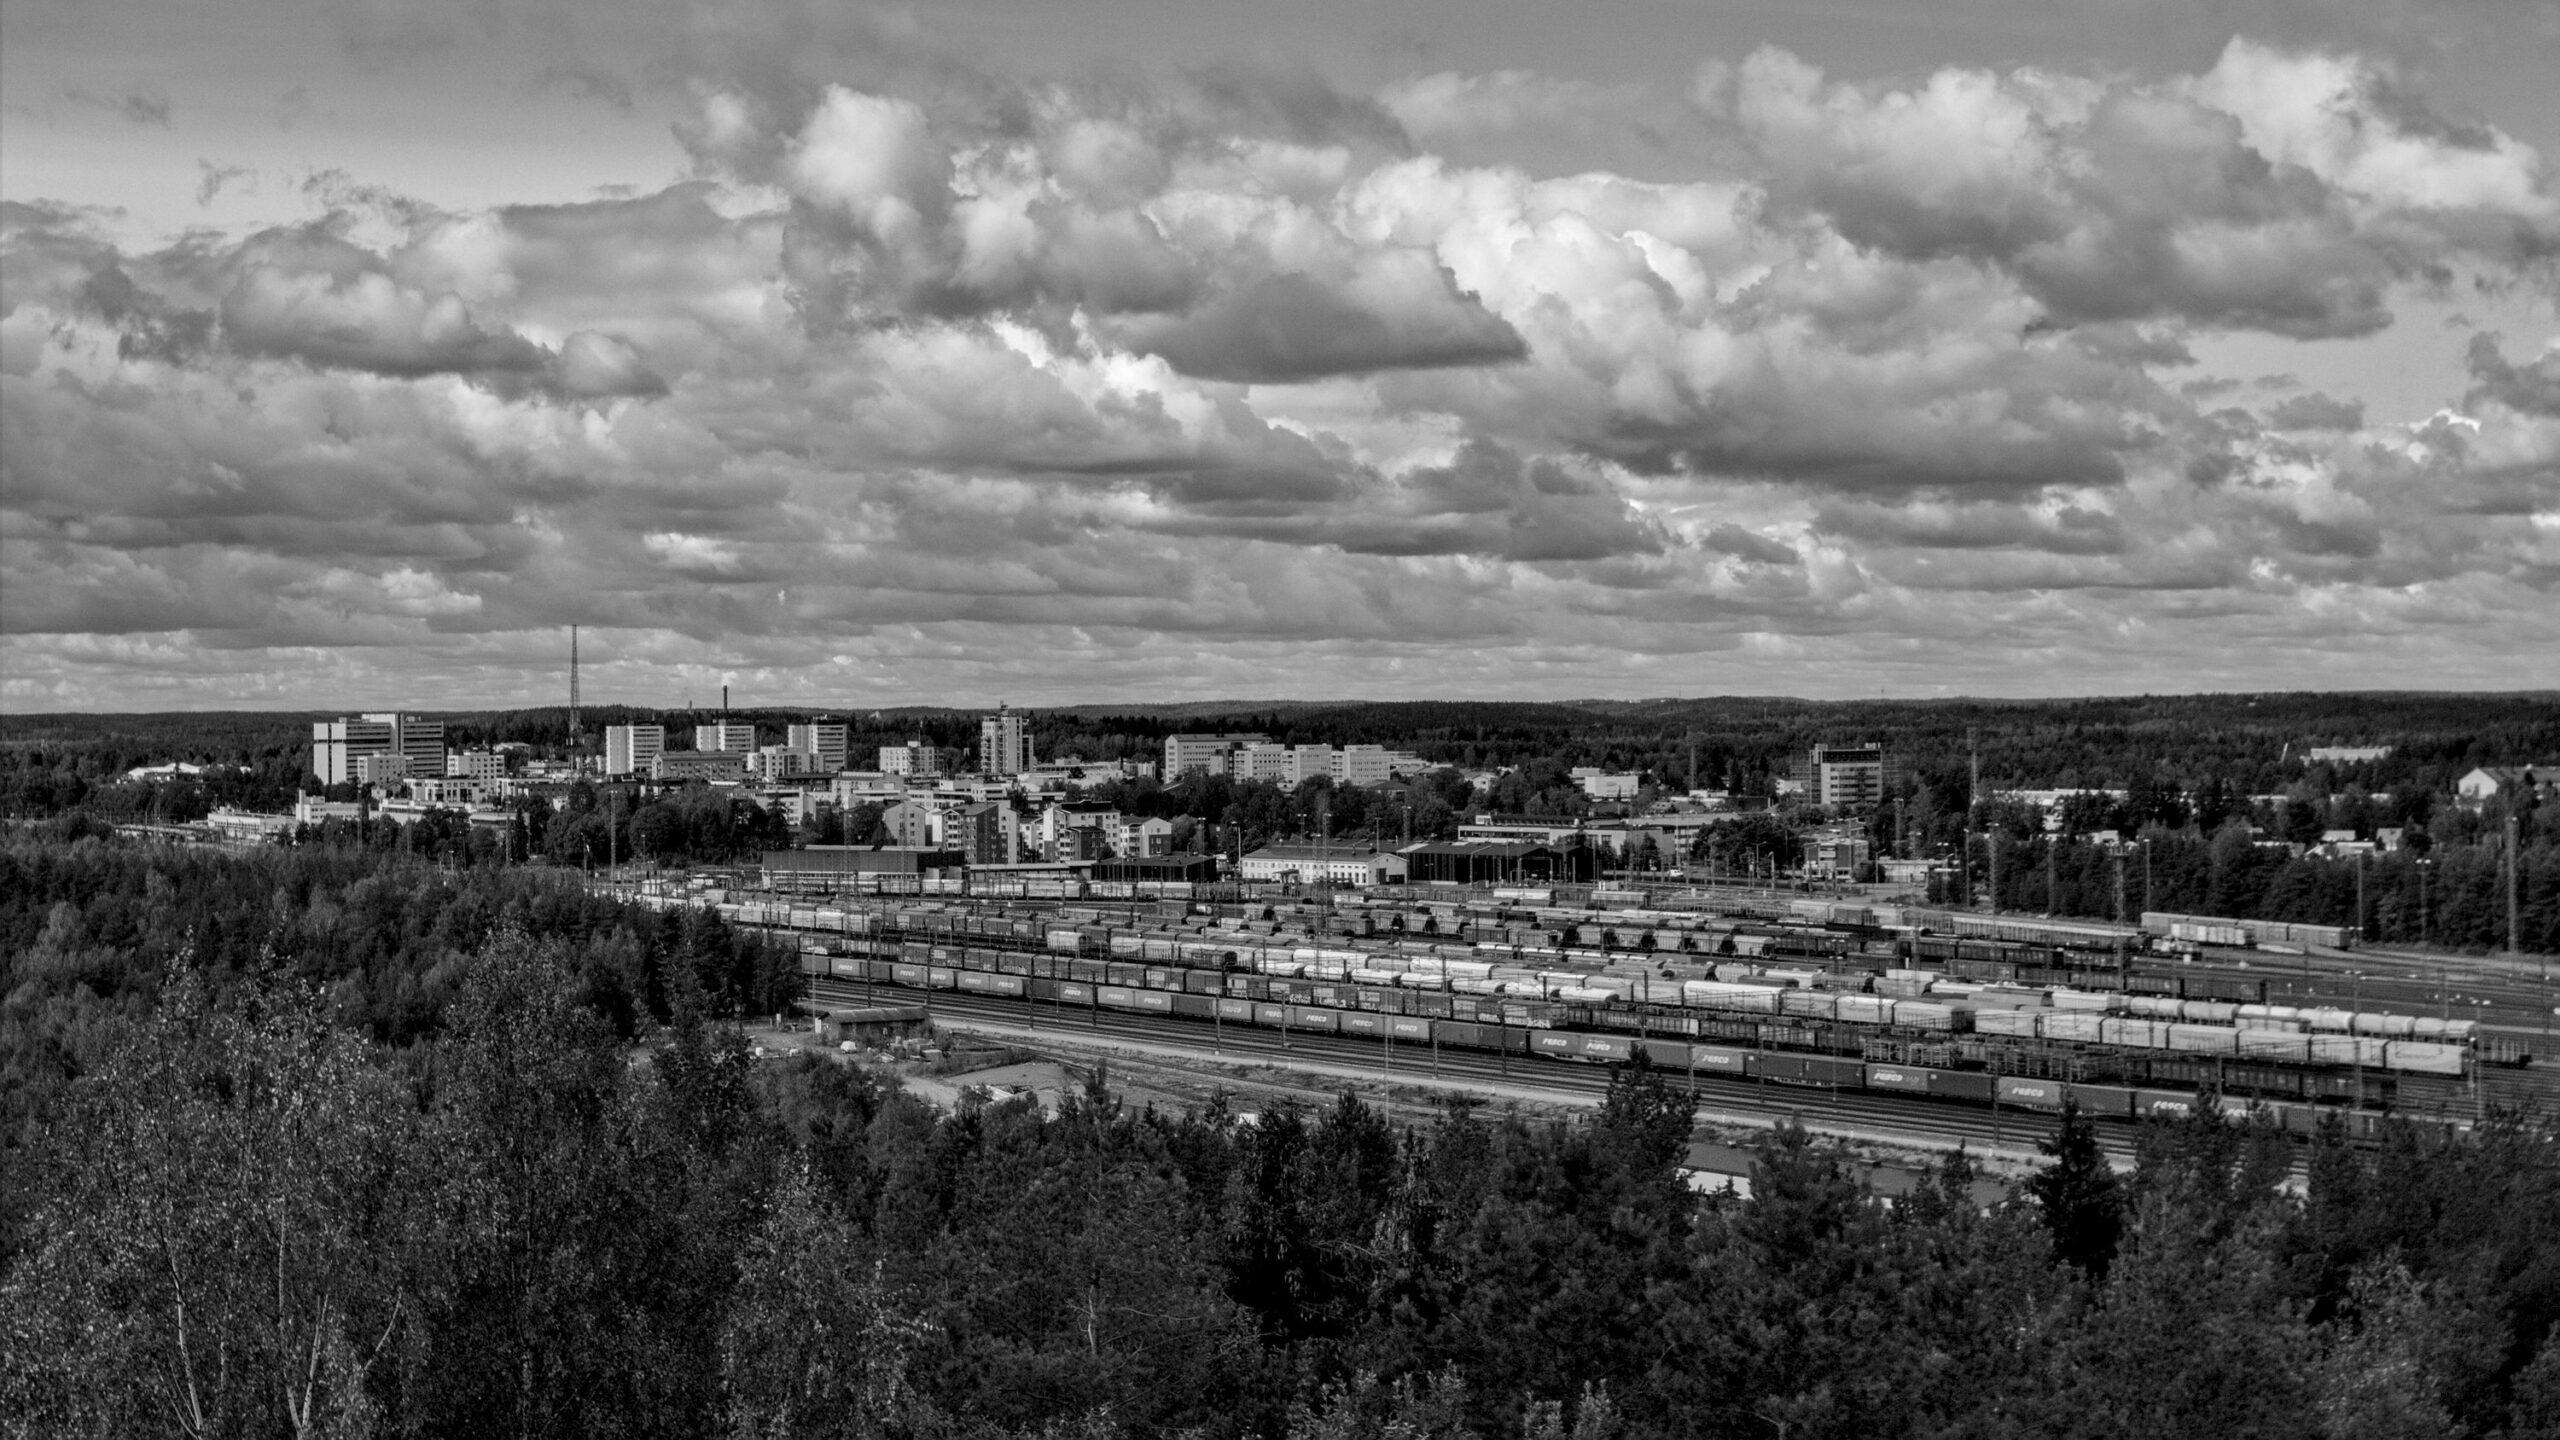 Kulttuurinähtävyyksiä / Cultural attractions: Mielakanmäki, Kouvola